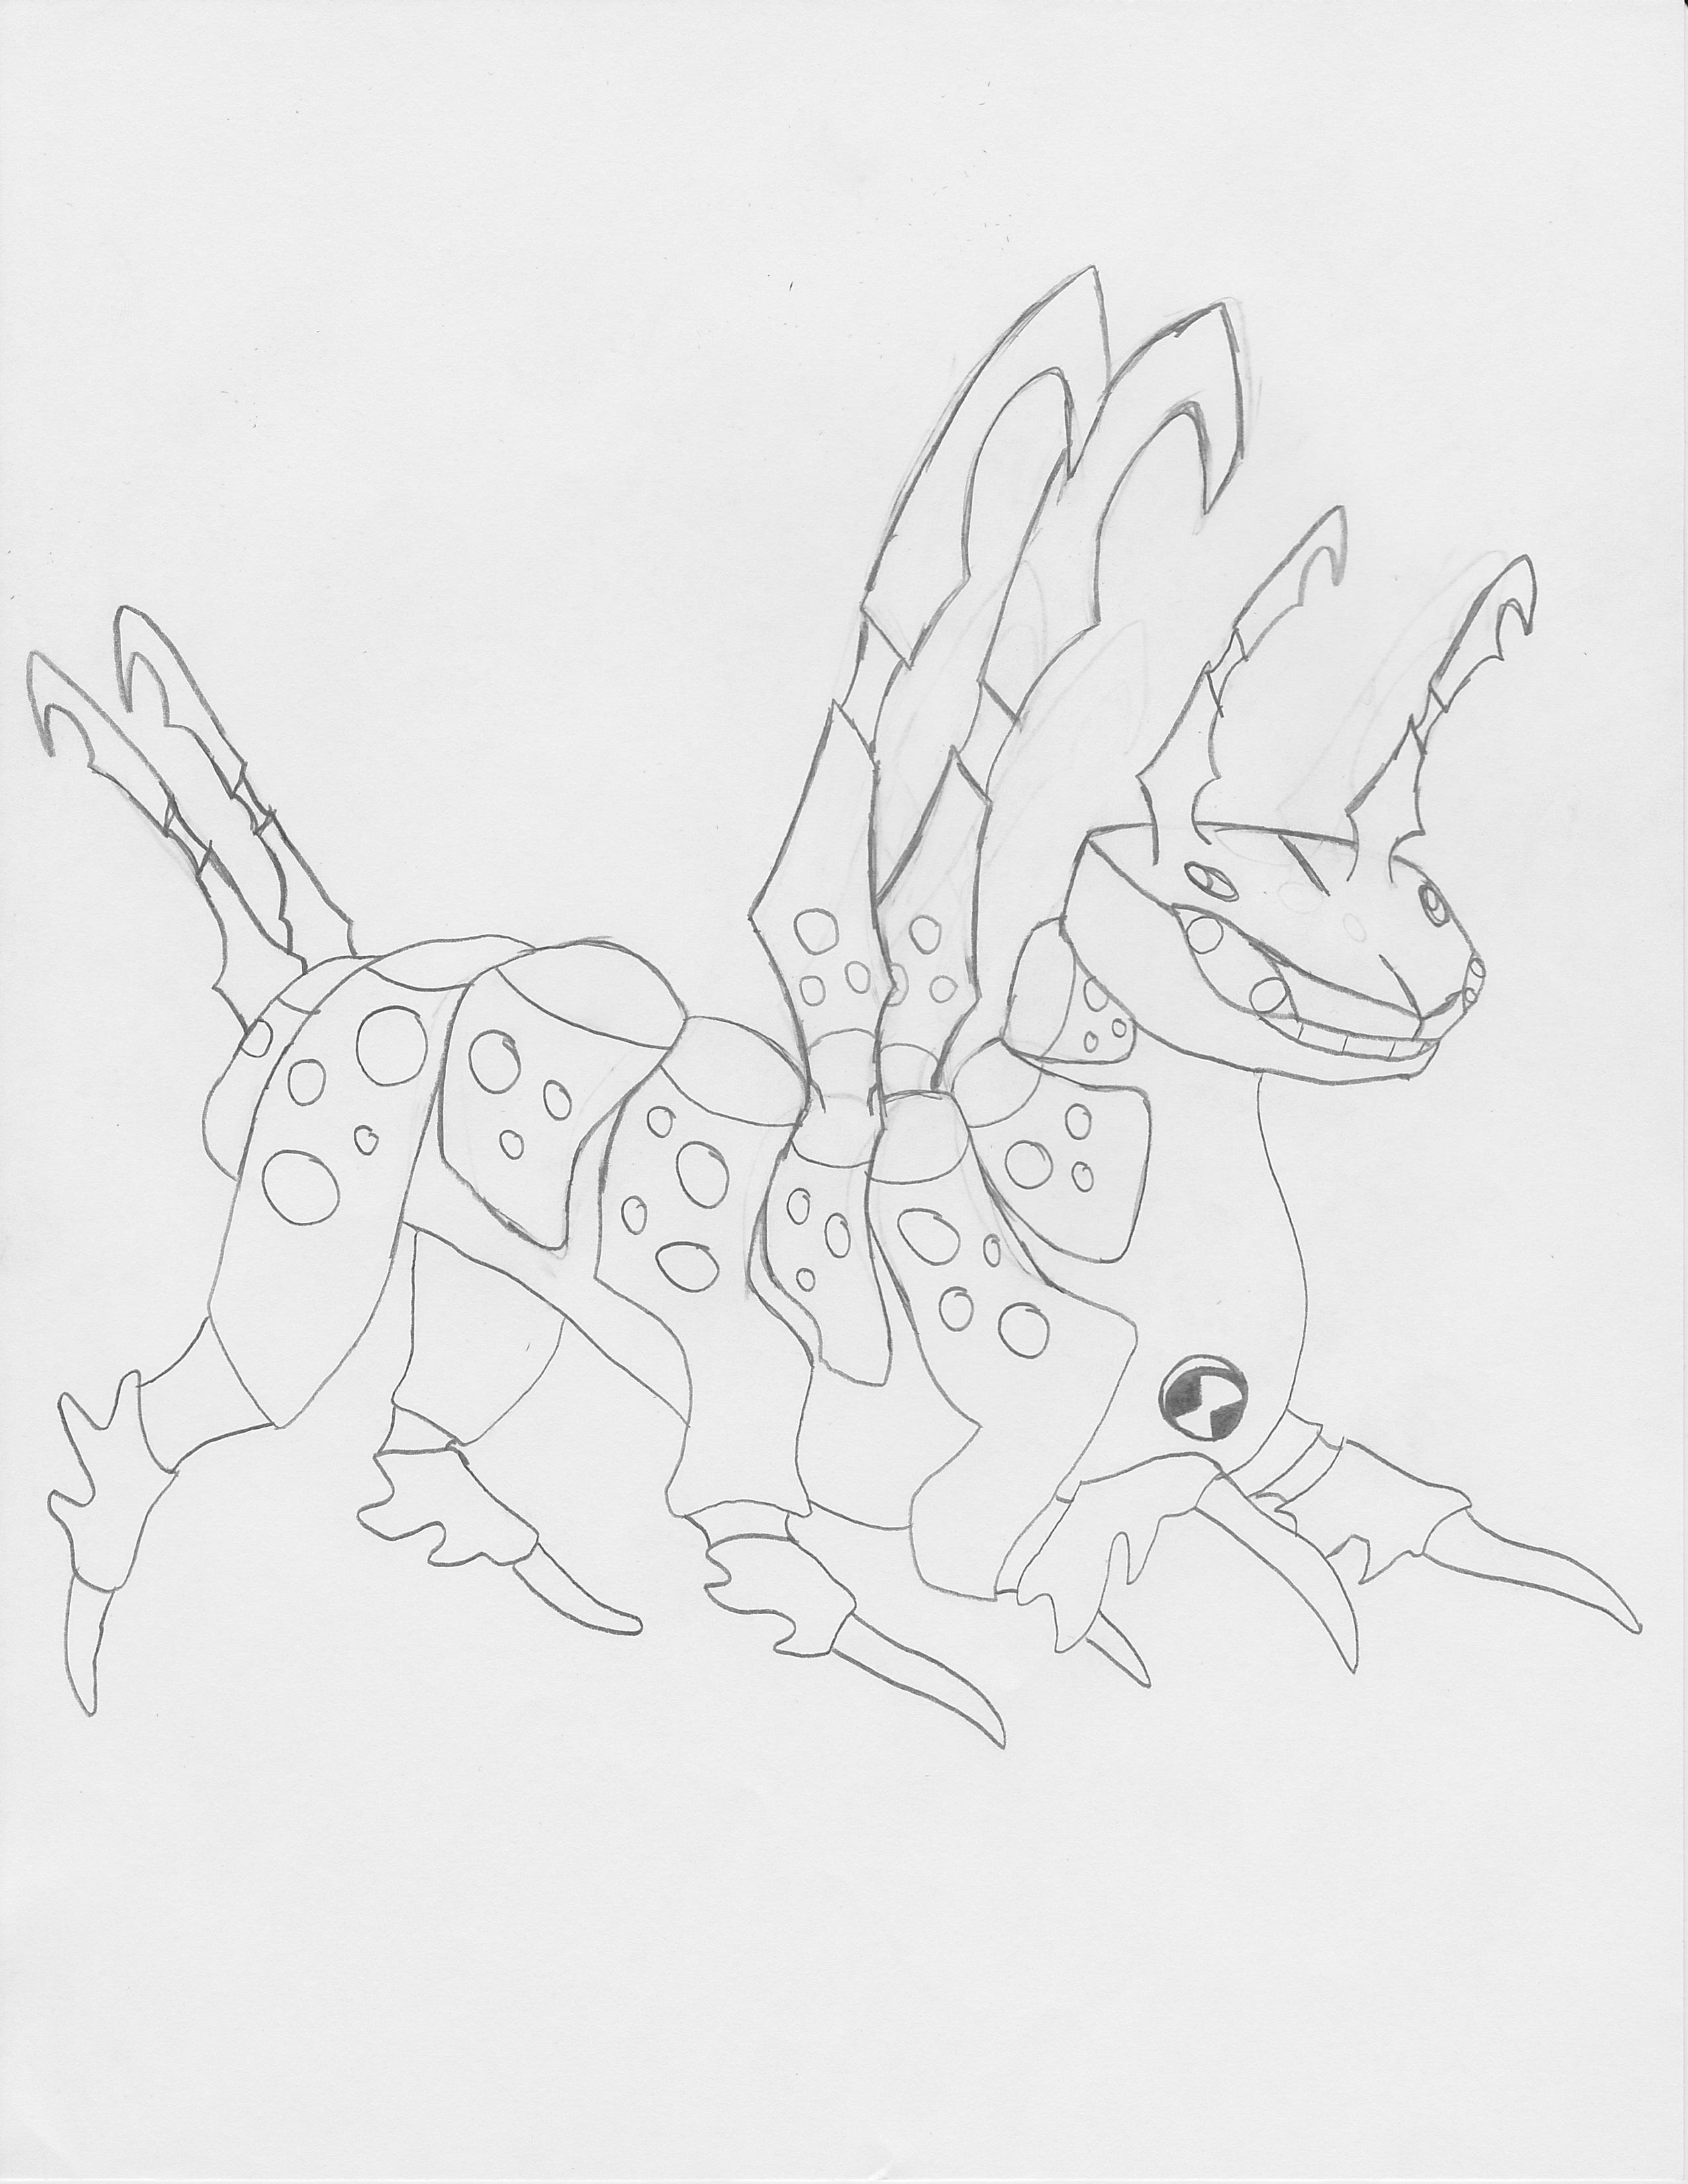 Bugbrain